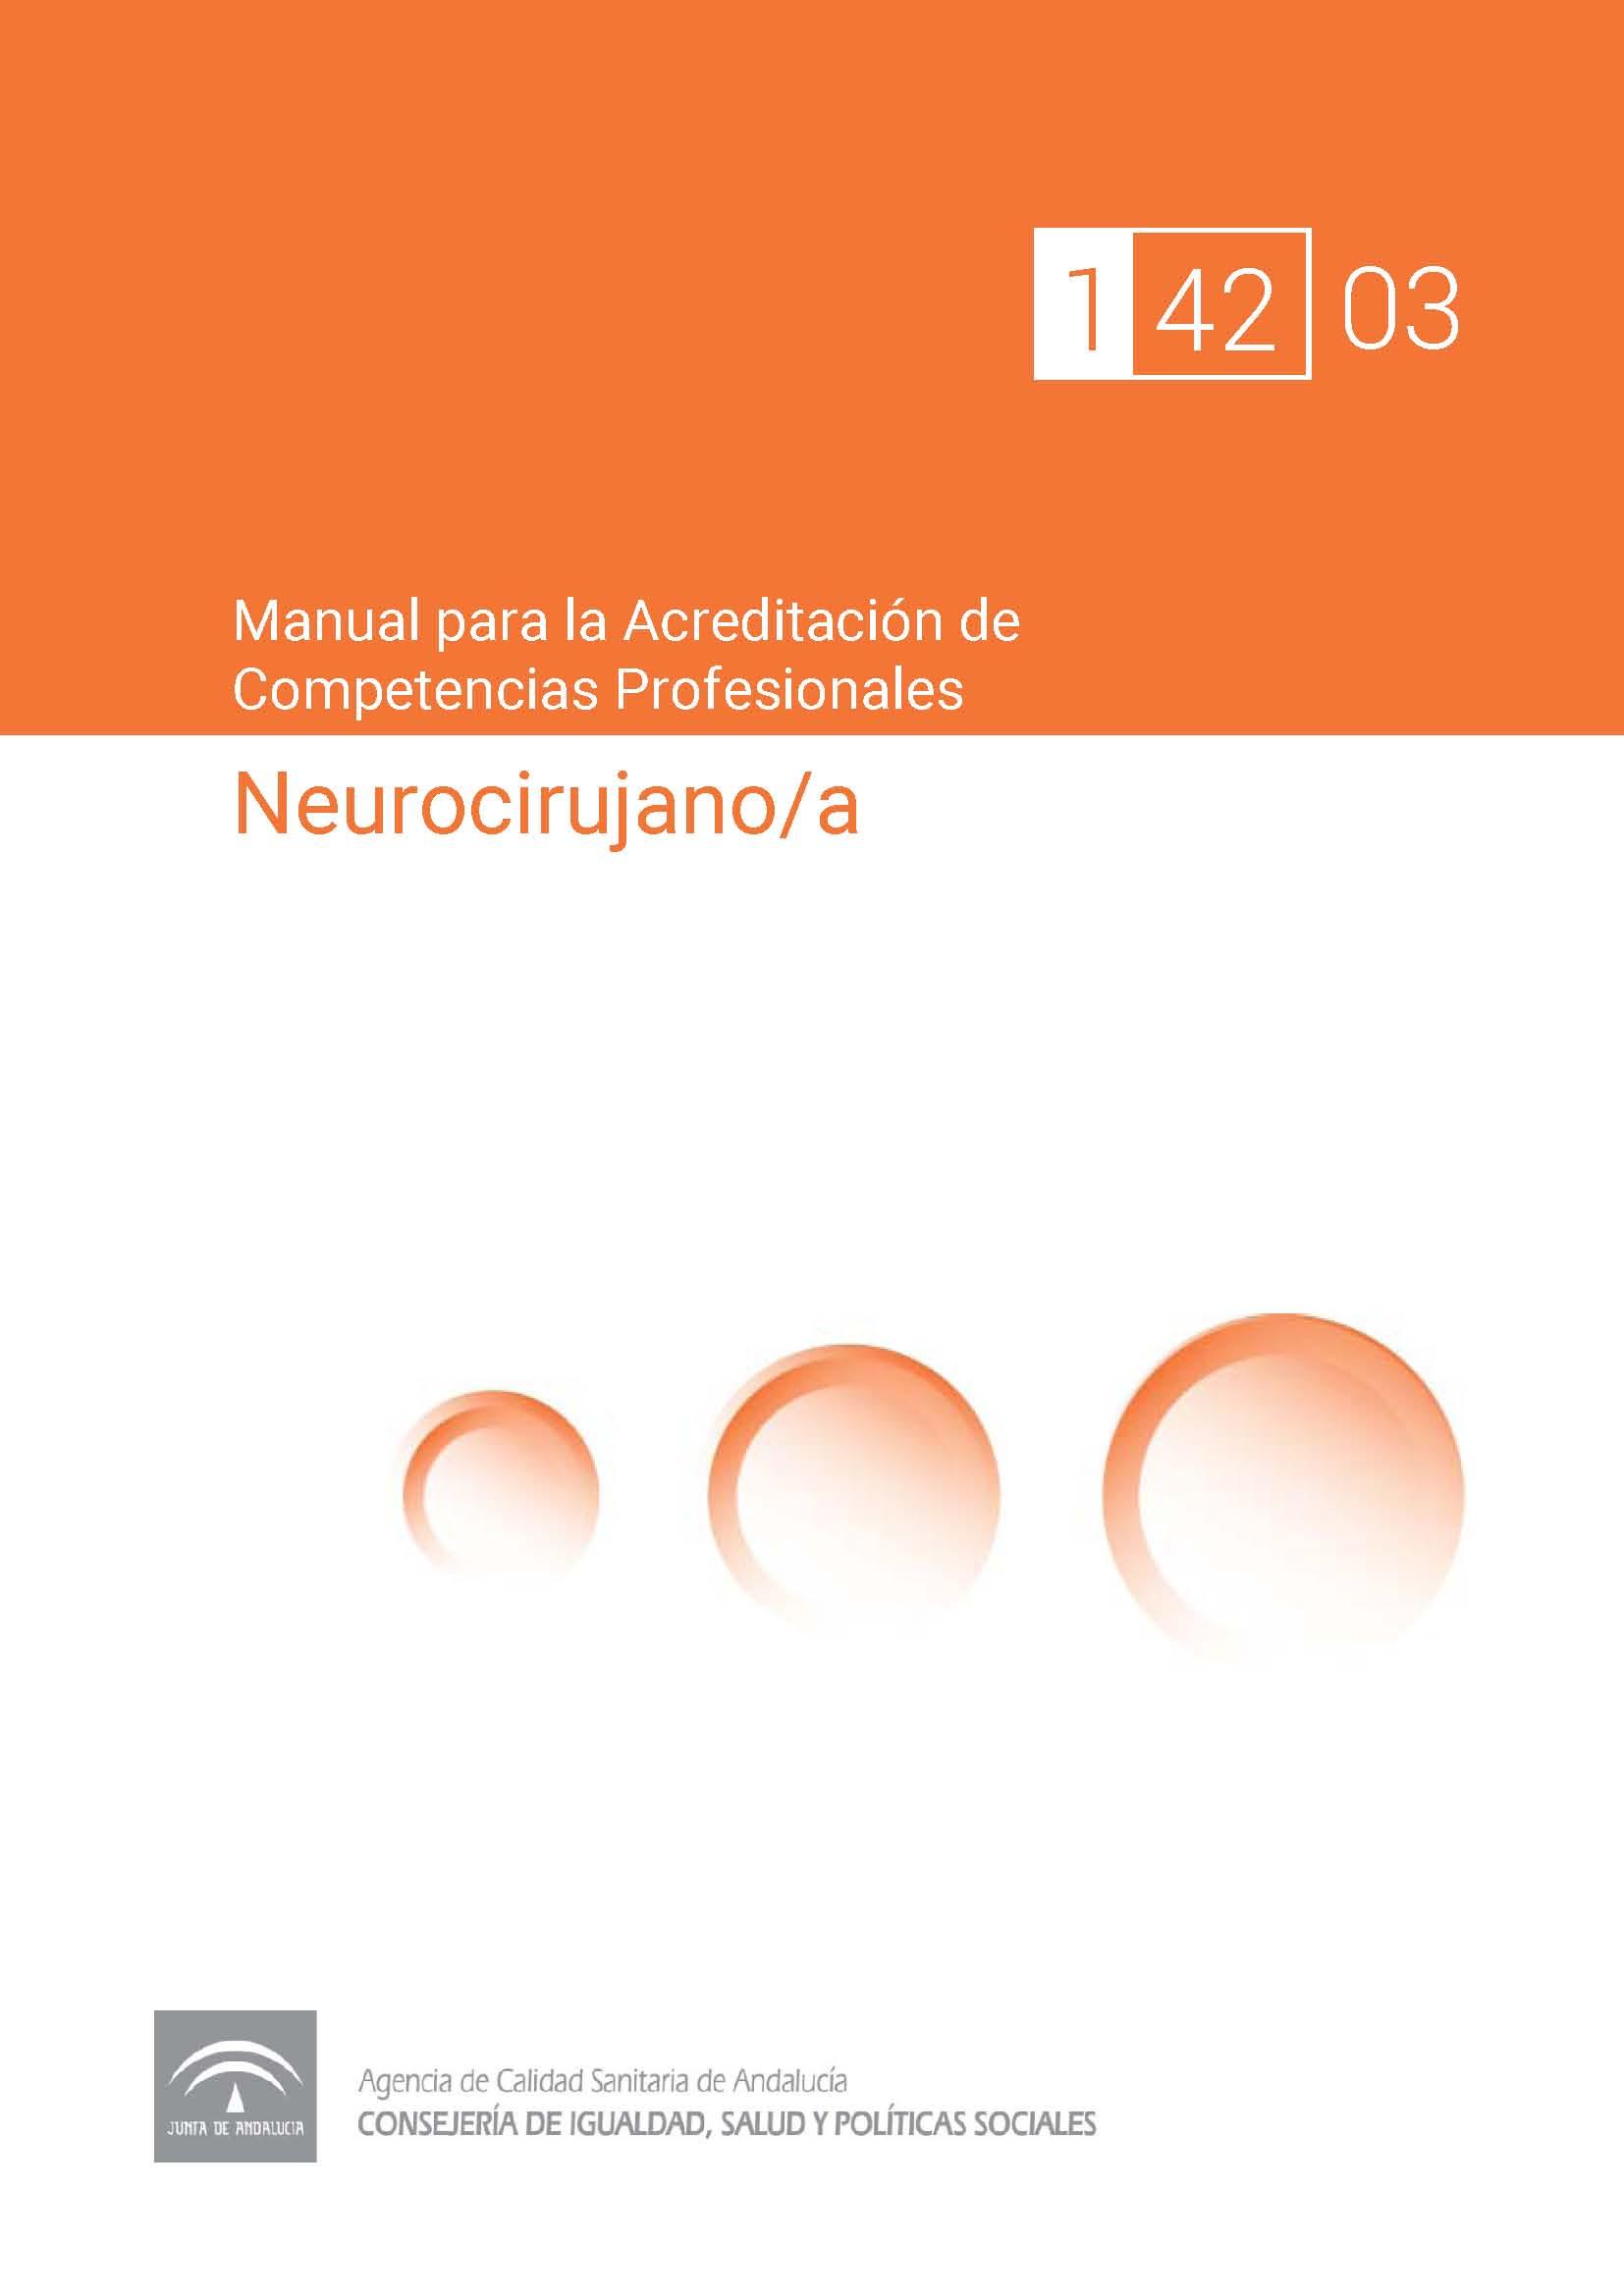 Manual de competencias profesionales del/de la Neurocirujano/a